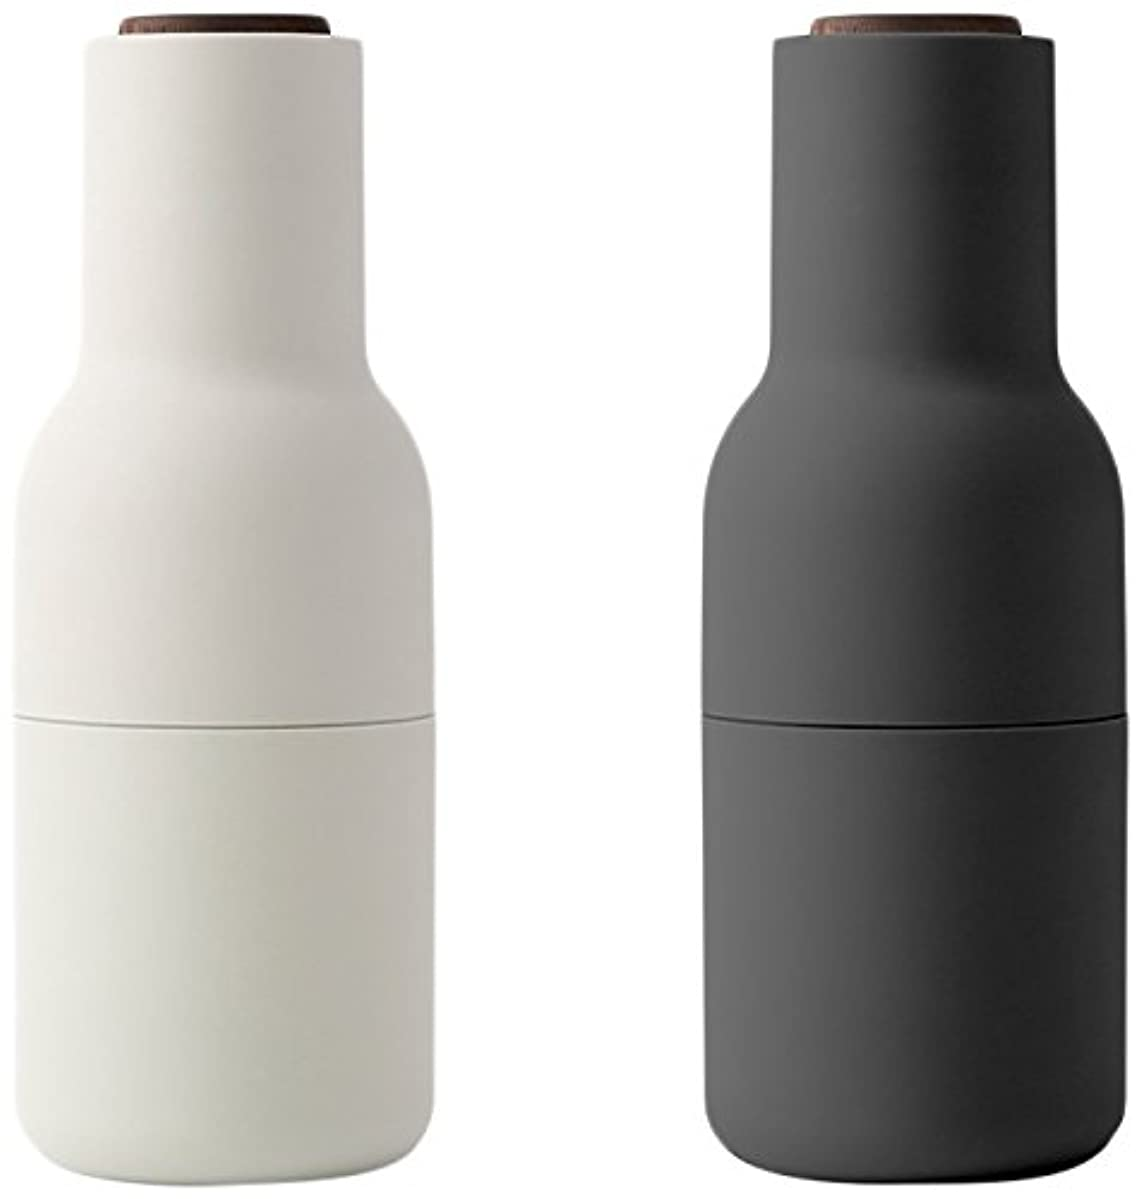 MENU 4418369 Bottle Grinder Set With With Walnut Lid, Carbon/Ash